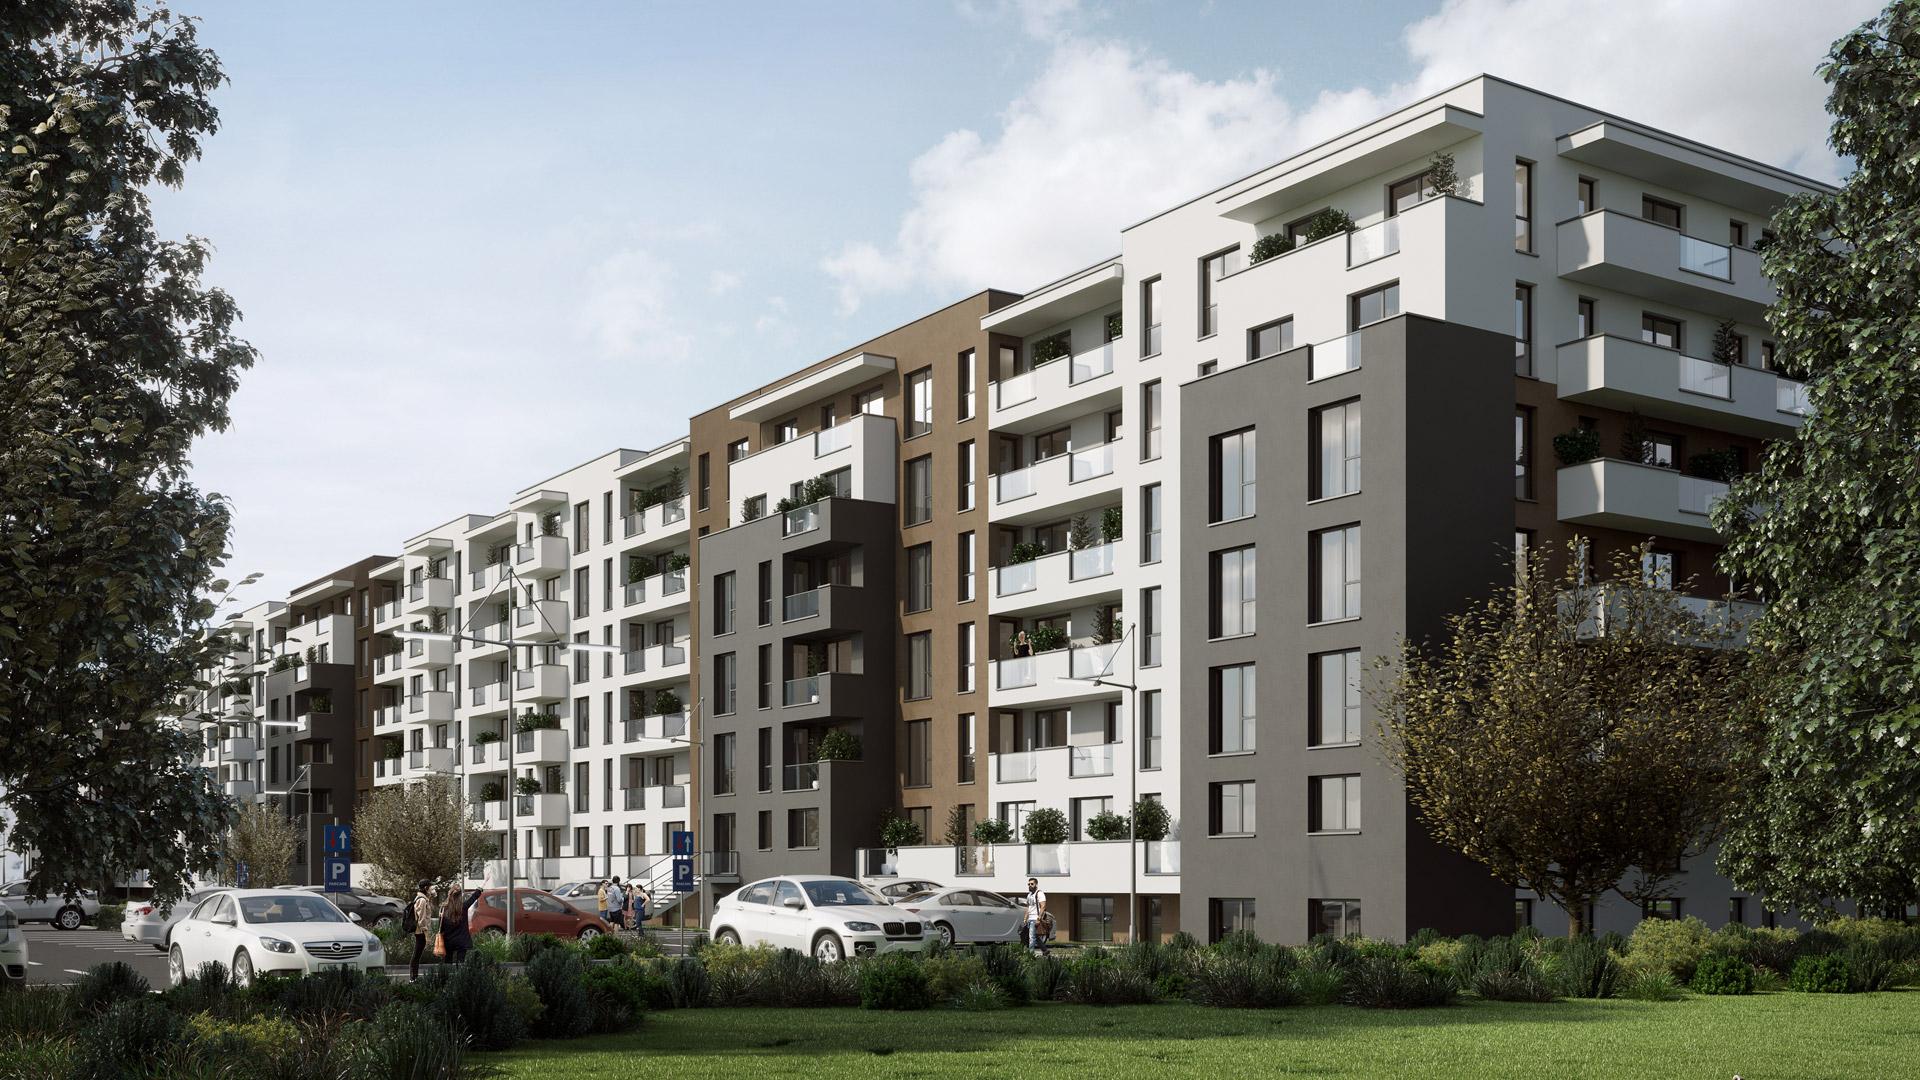 Apartamente si garsoniere de vanzare Bucuresti - Uverturii Residence - Militari - Lujerului - Gorjului - 29